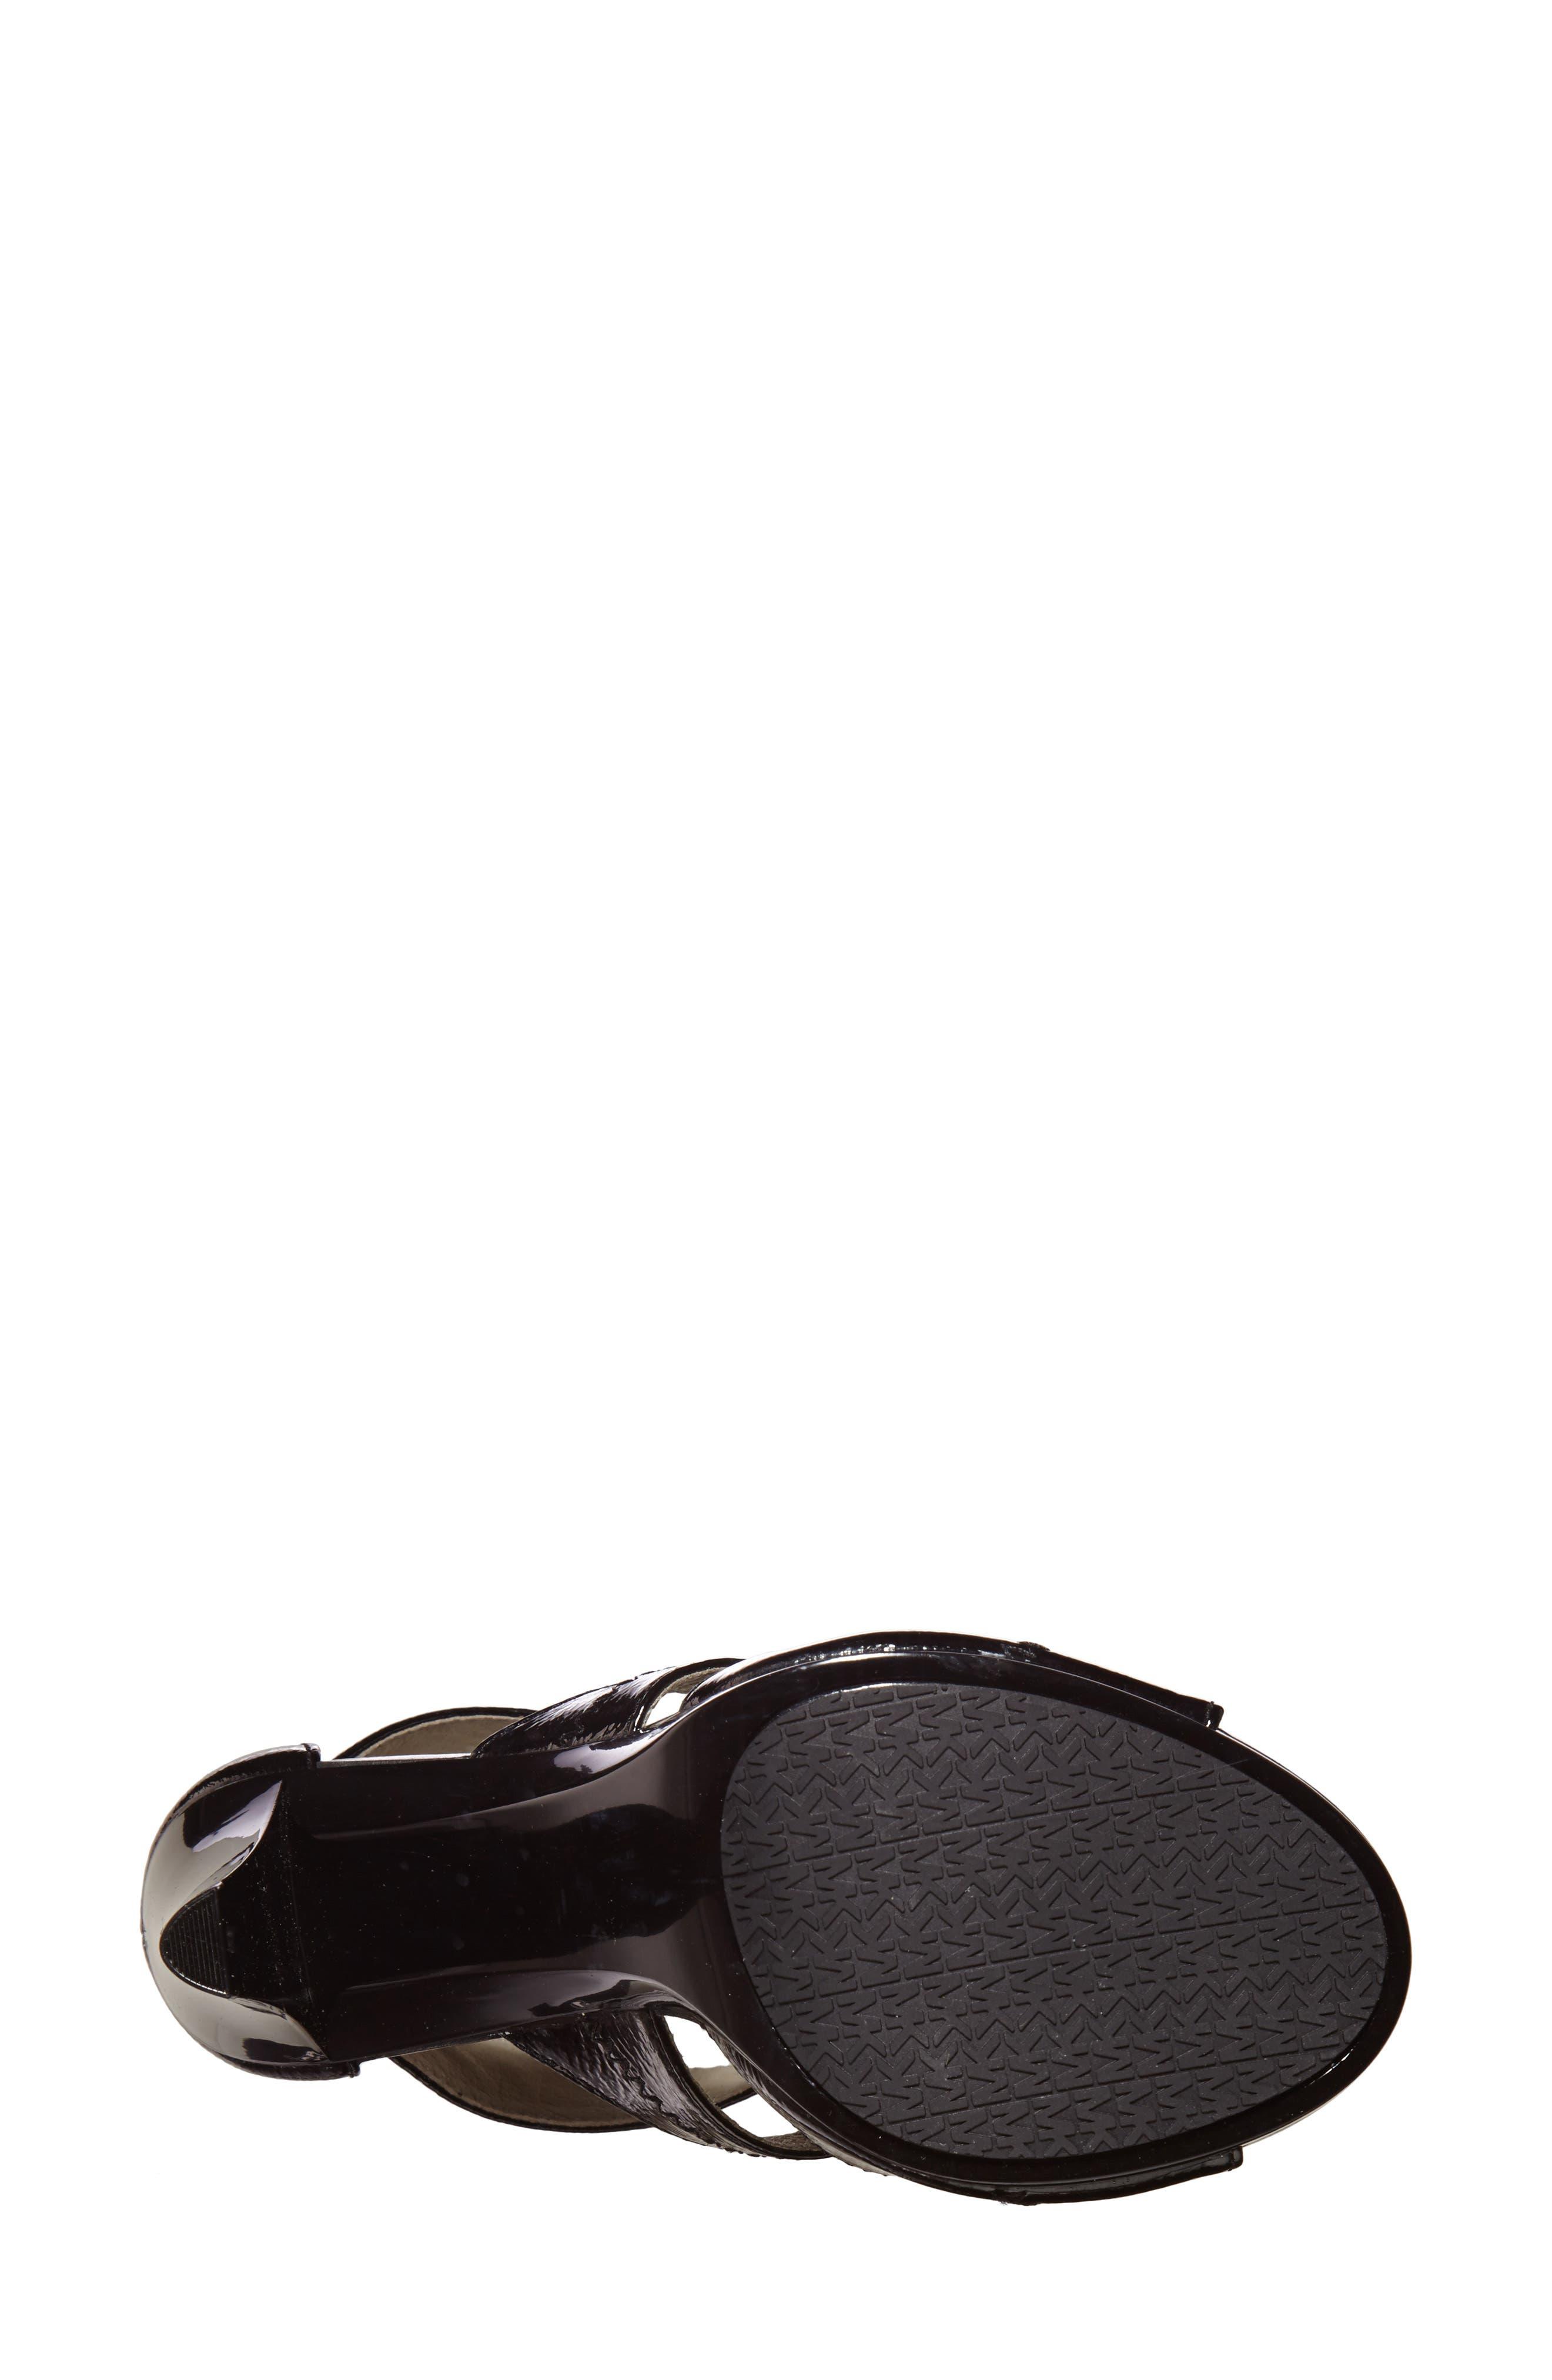 Berkley Sandal,                             Alternate thumbnail 6, color,                             BLACK CRINKLED PATENT